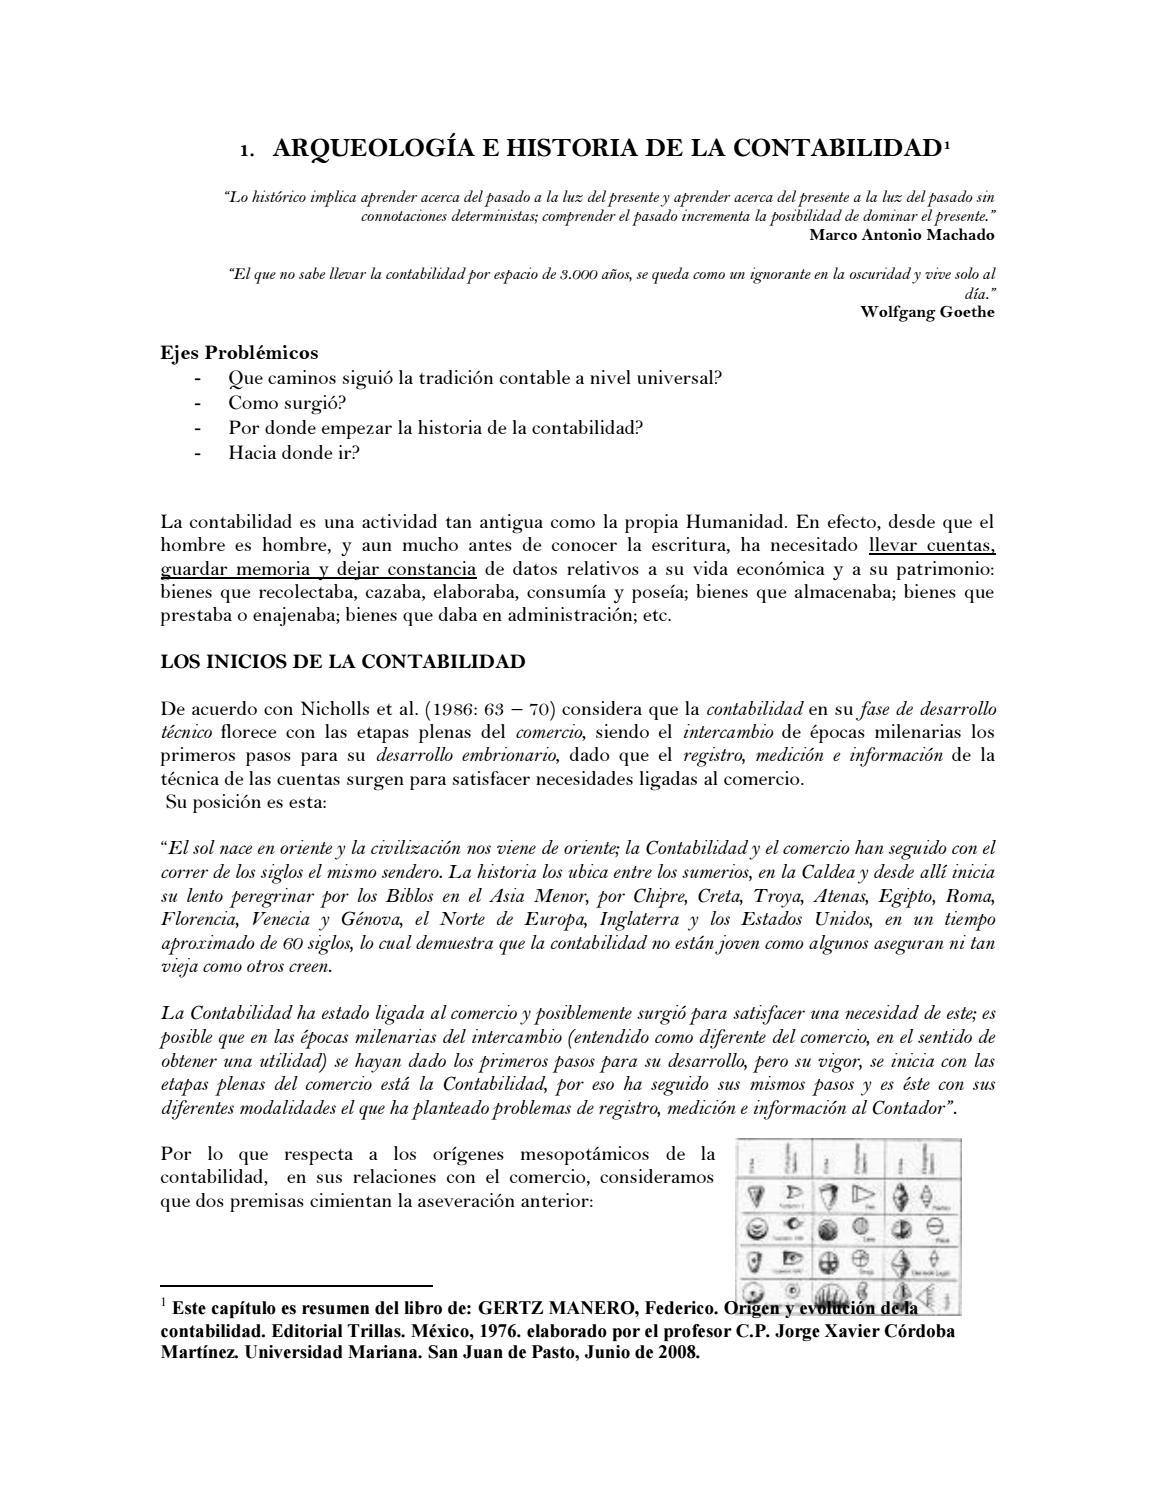 Historia de la contabilidad by Johan Jurado - issuu